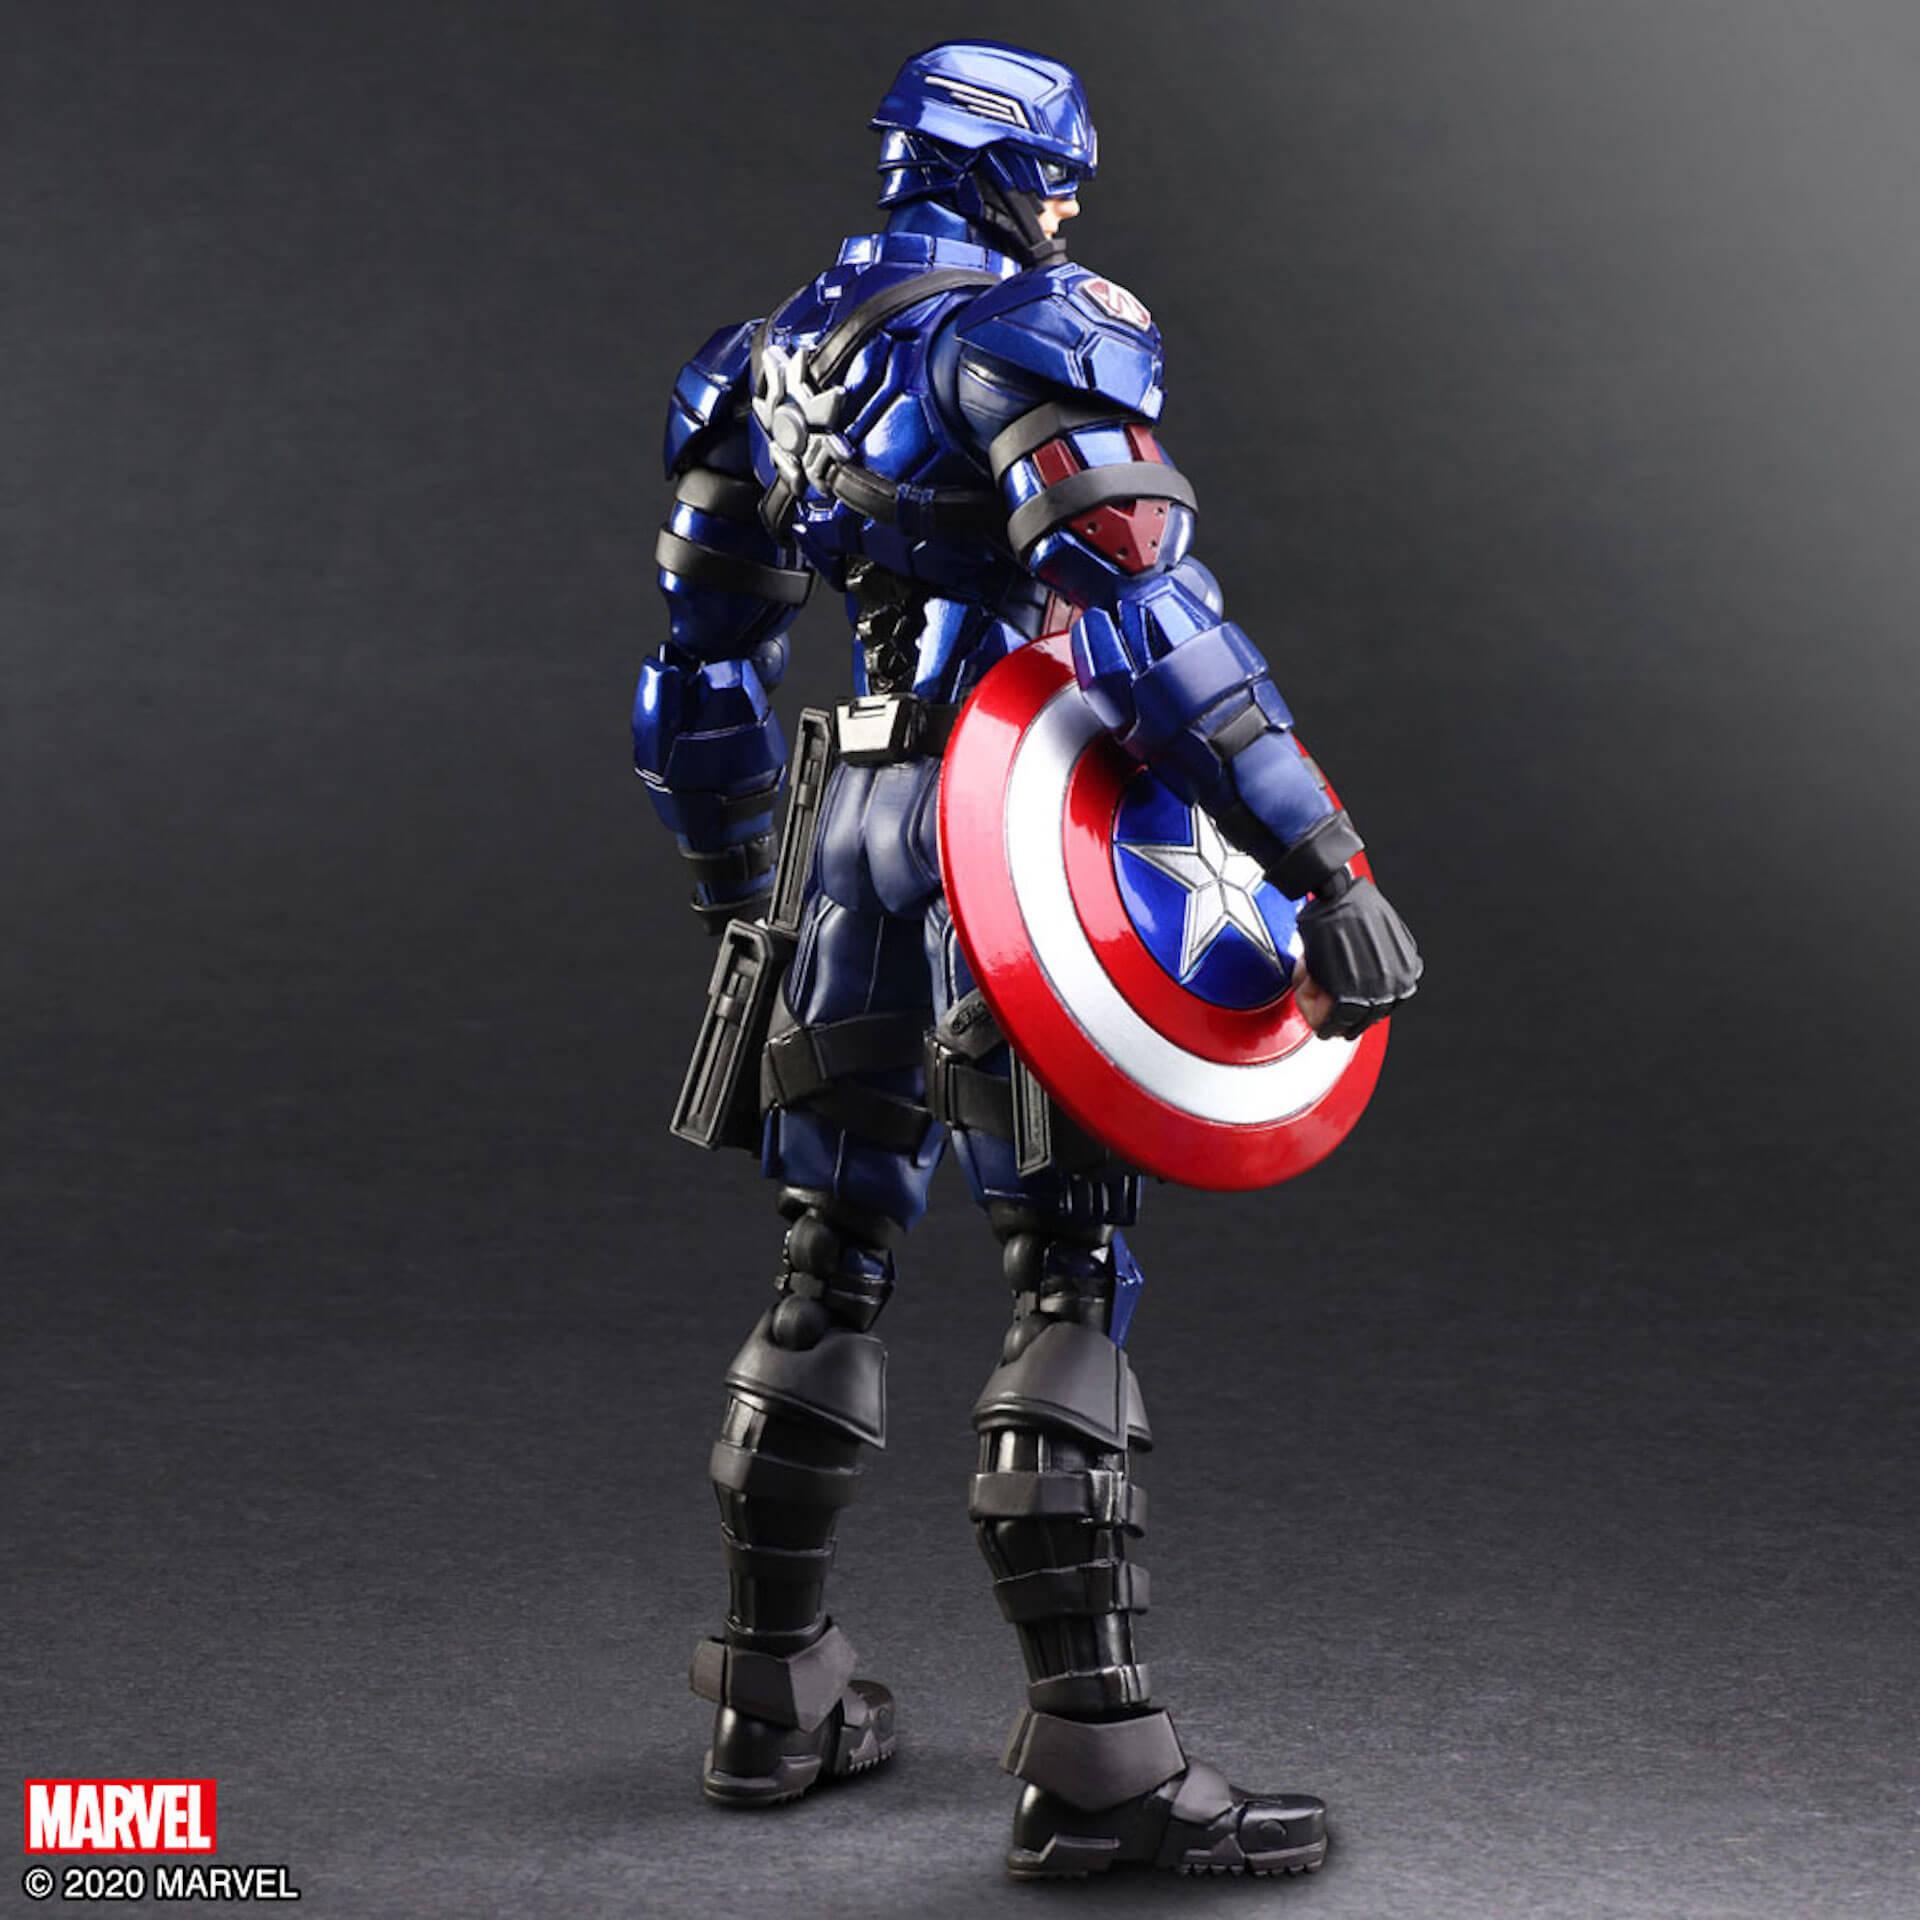 野村哲也デザインの『アイアンマン』『キャプテン・アメリカ』『スパイダーマン』フィギュアがスクウェア・エニックスのオンラインサイトで予約受付中! ac200702_marvel_nomuratesuya_11